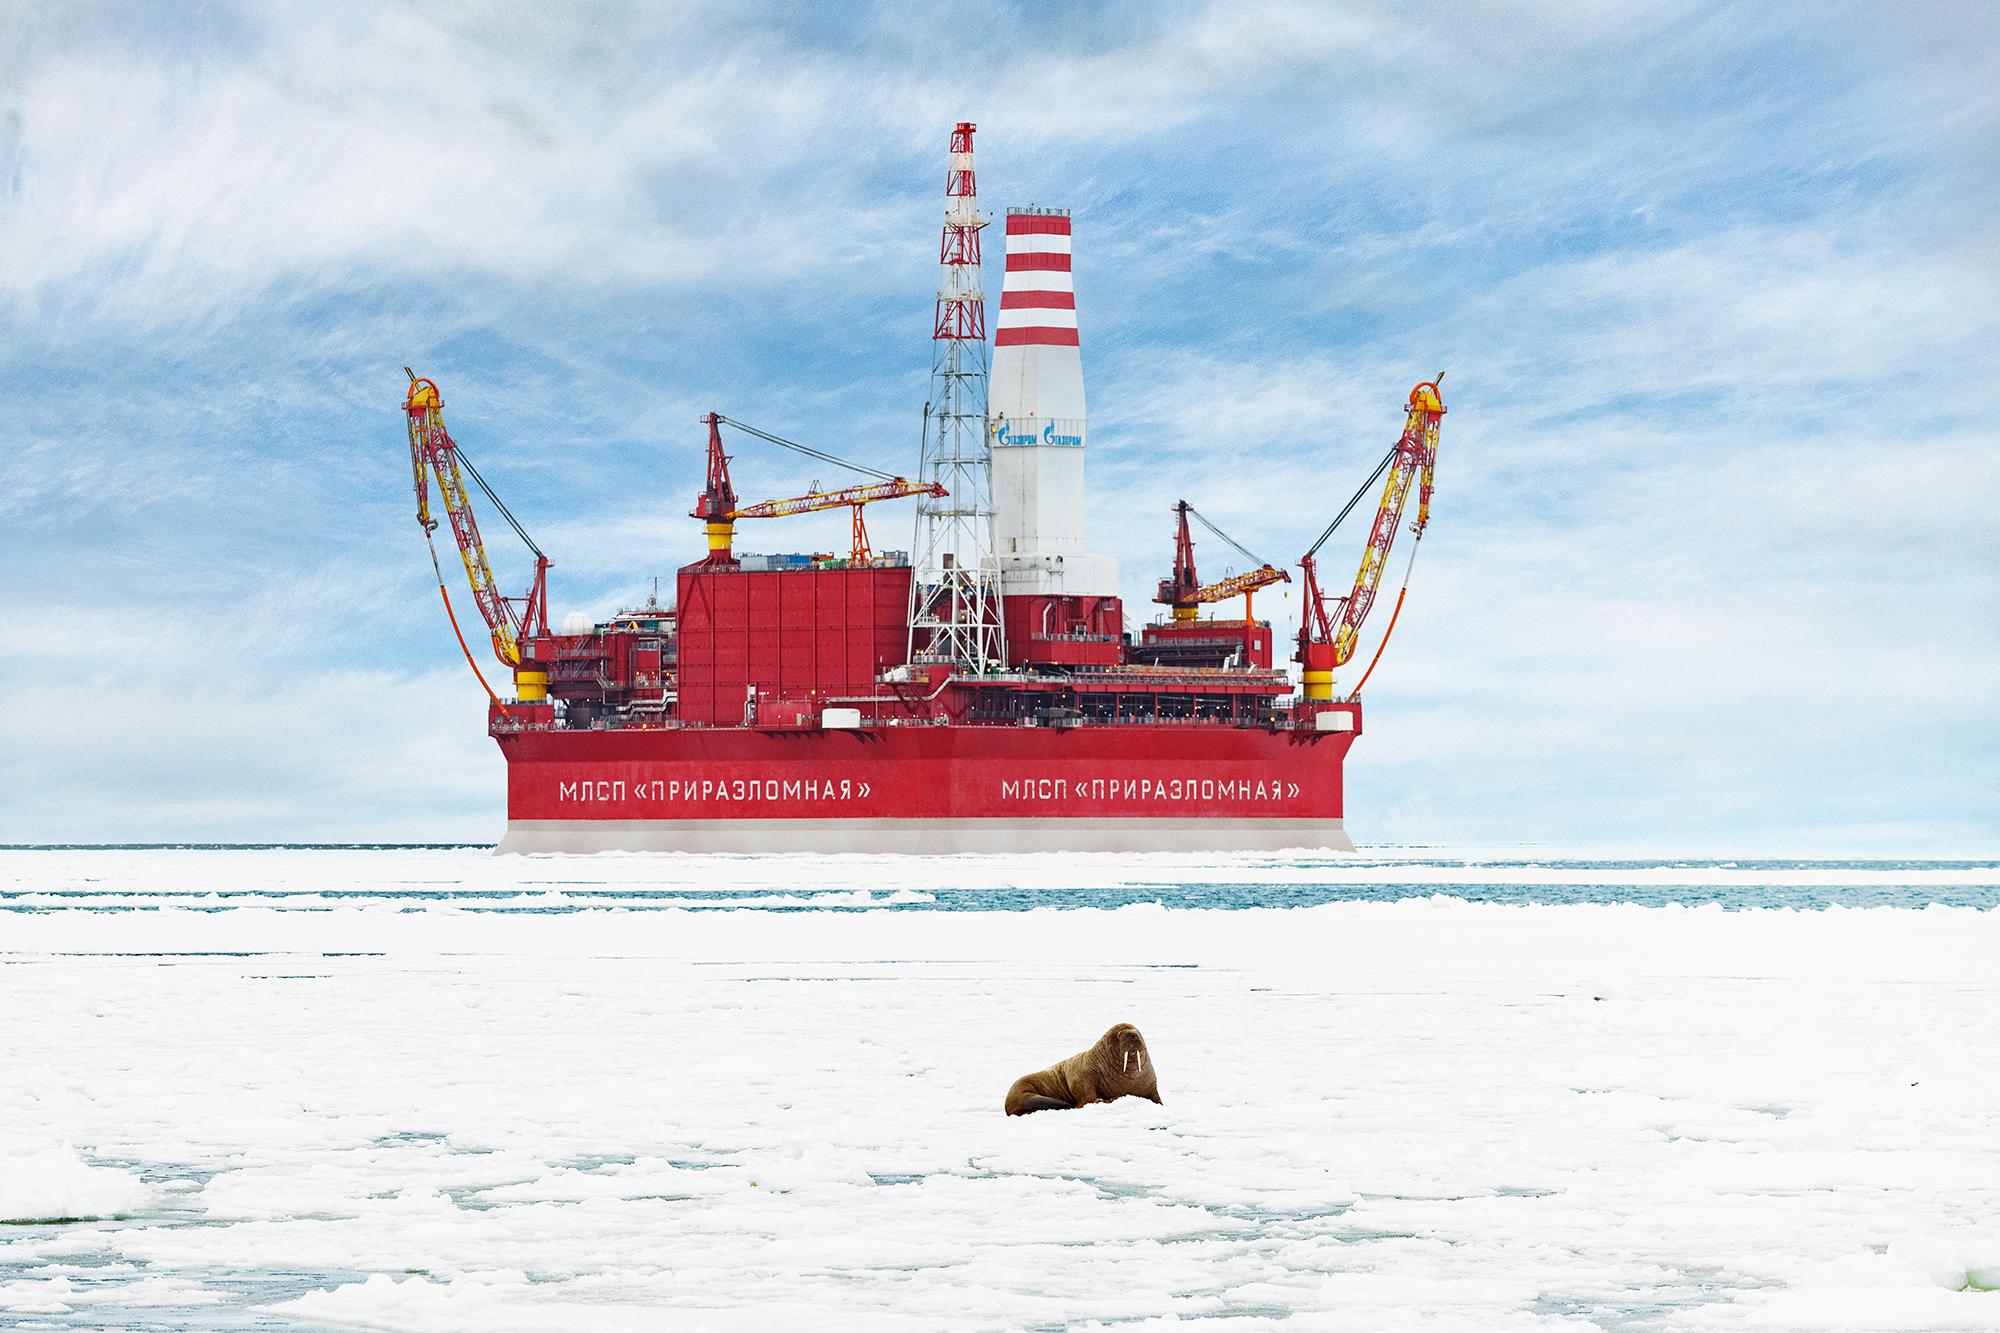 Победителей викторины «Что вы знаете об Арктике» ждут на арктической вечеринке  (Иллюстрация 1 из 4)